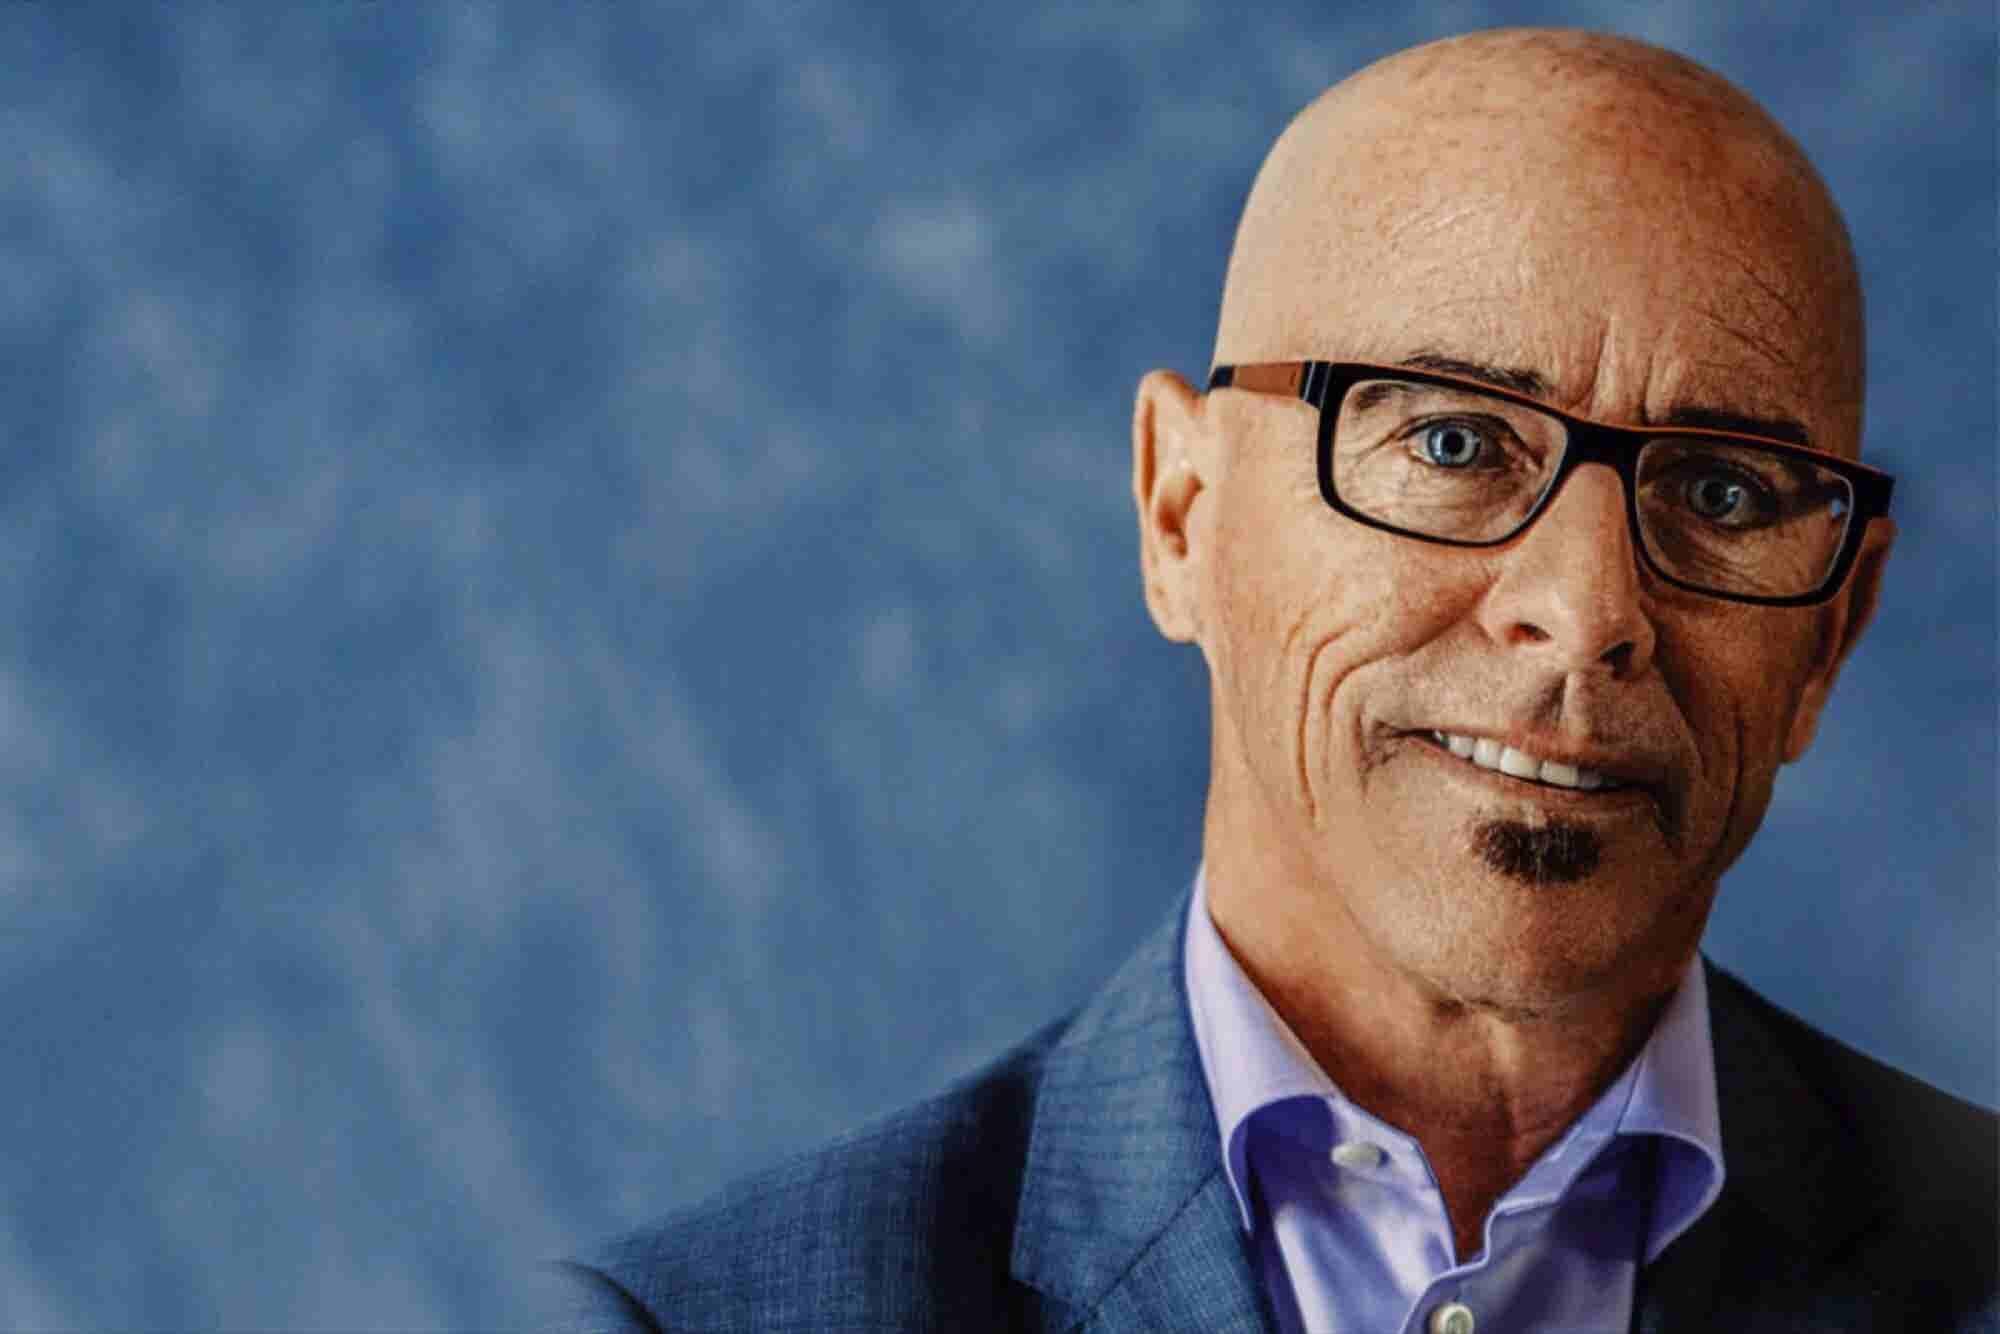 Entrevista: El hombre que ha ayudado a miles de emprendedores a empezar